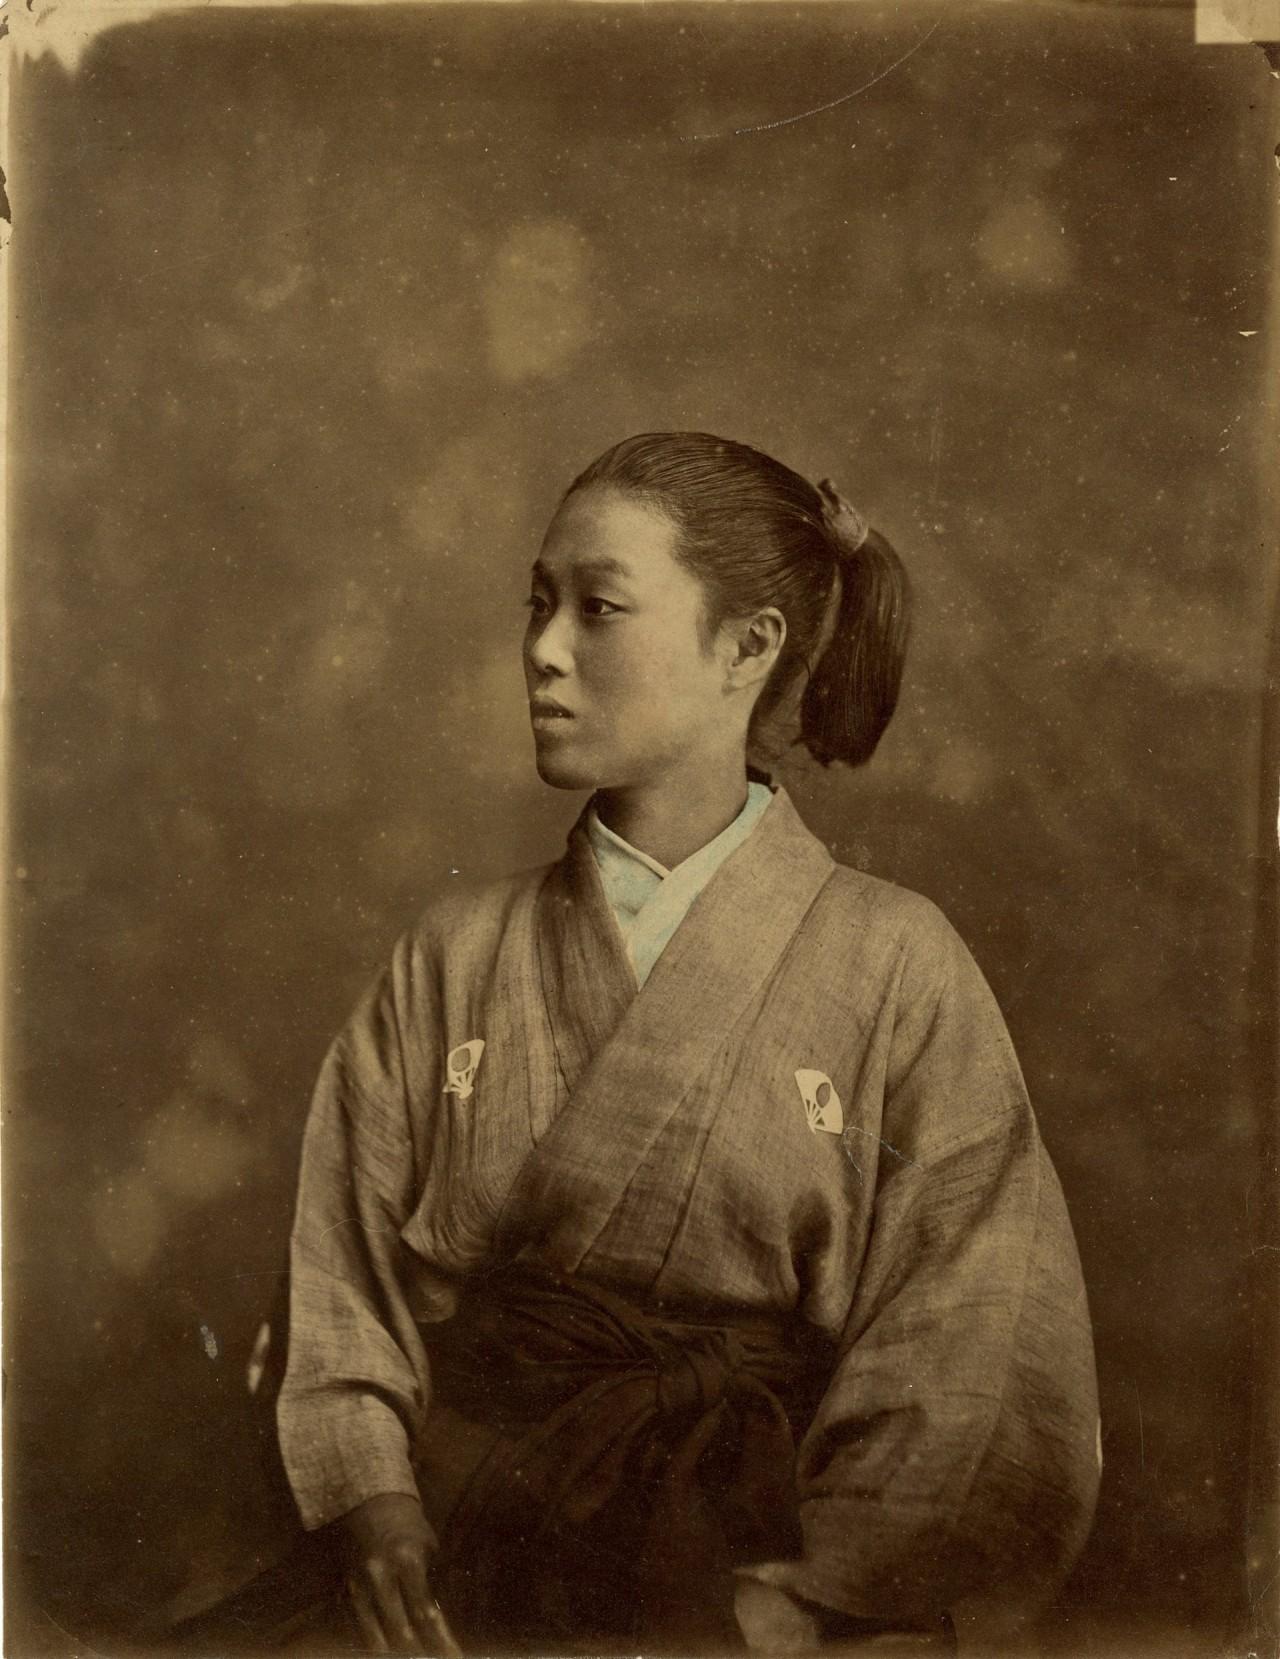 Женщина-самурай в фехтовальной экипировке, 1875. Автор барон Раймунд фон Стиллфрид